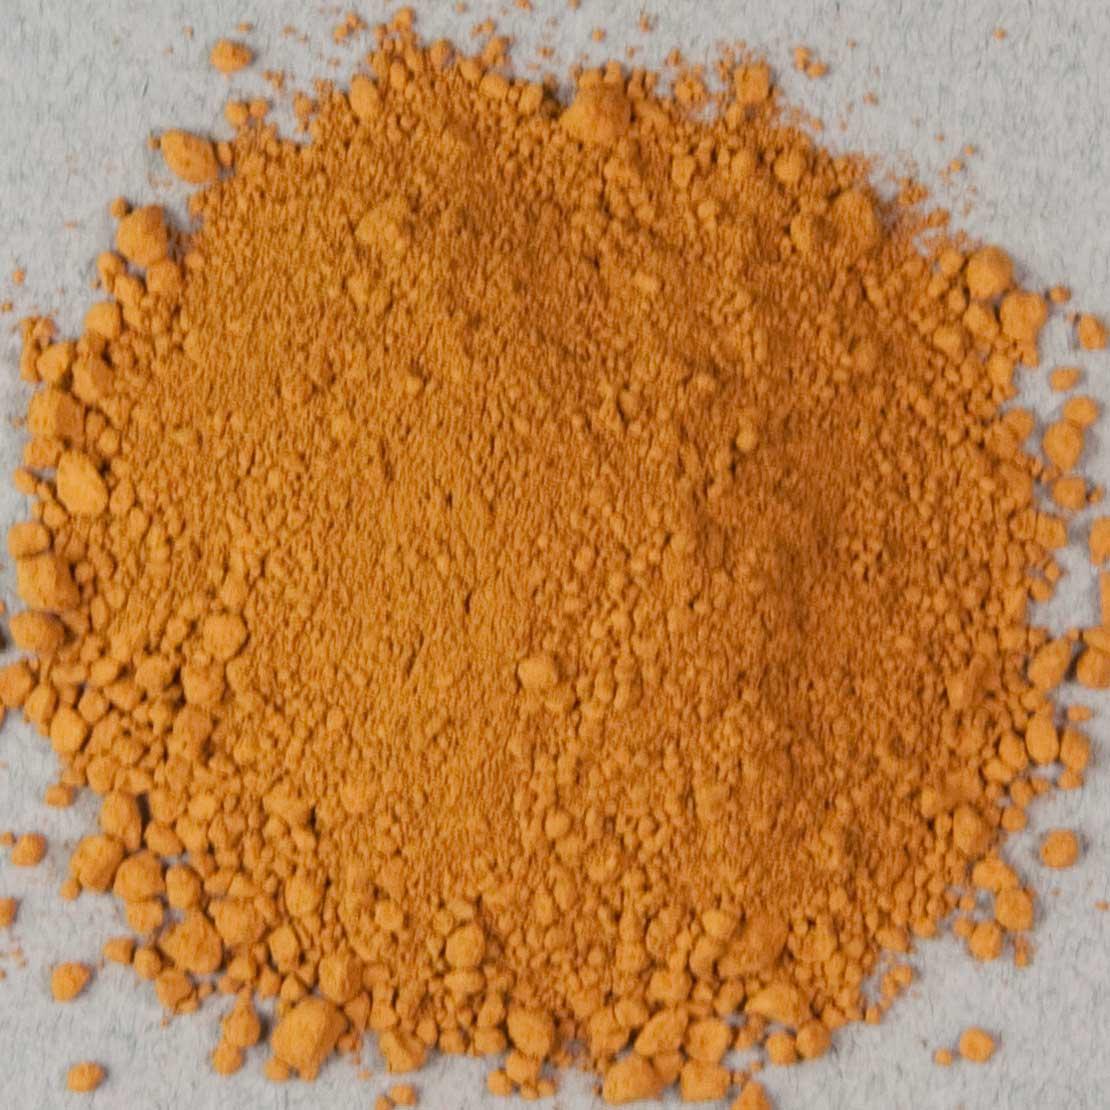 Pigment: Nicosia Yellow Ocher